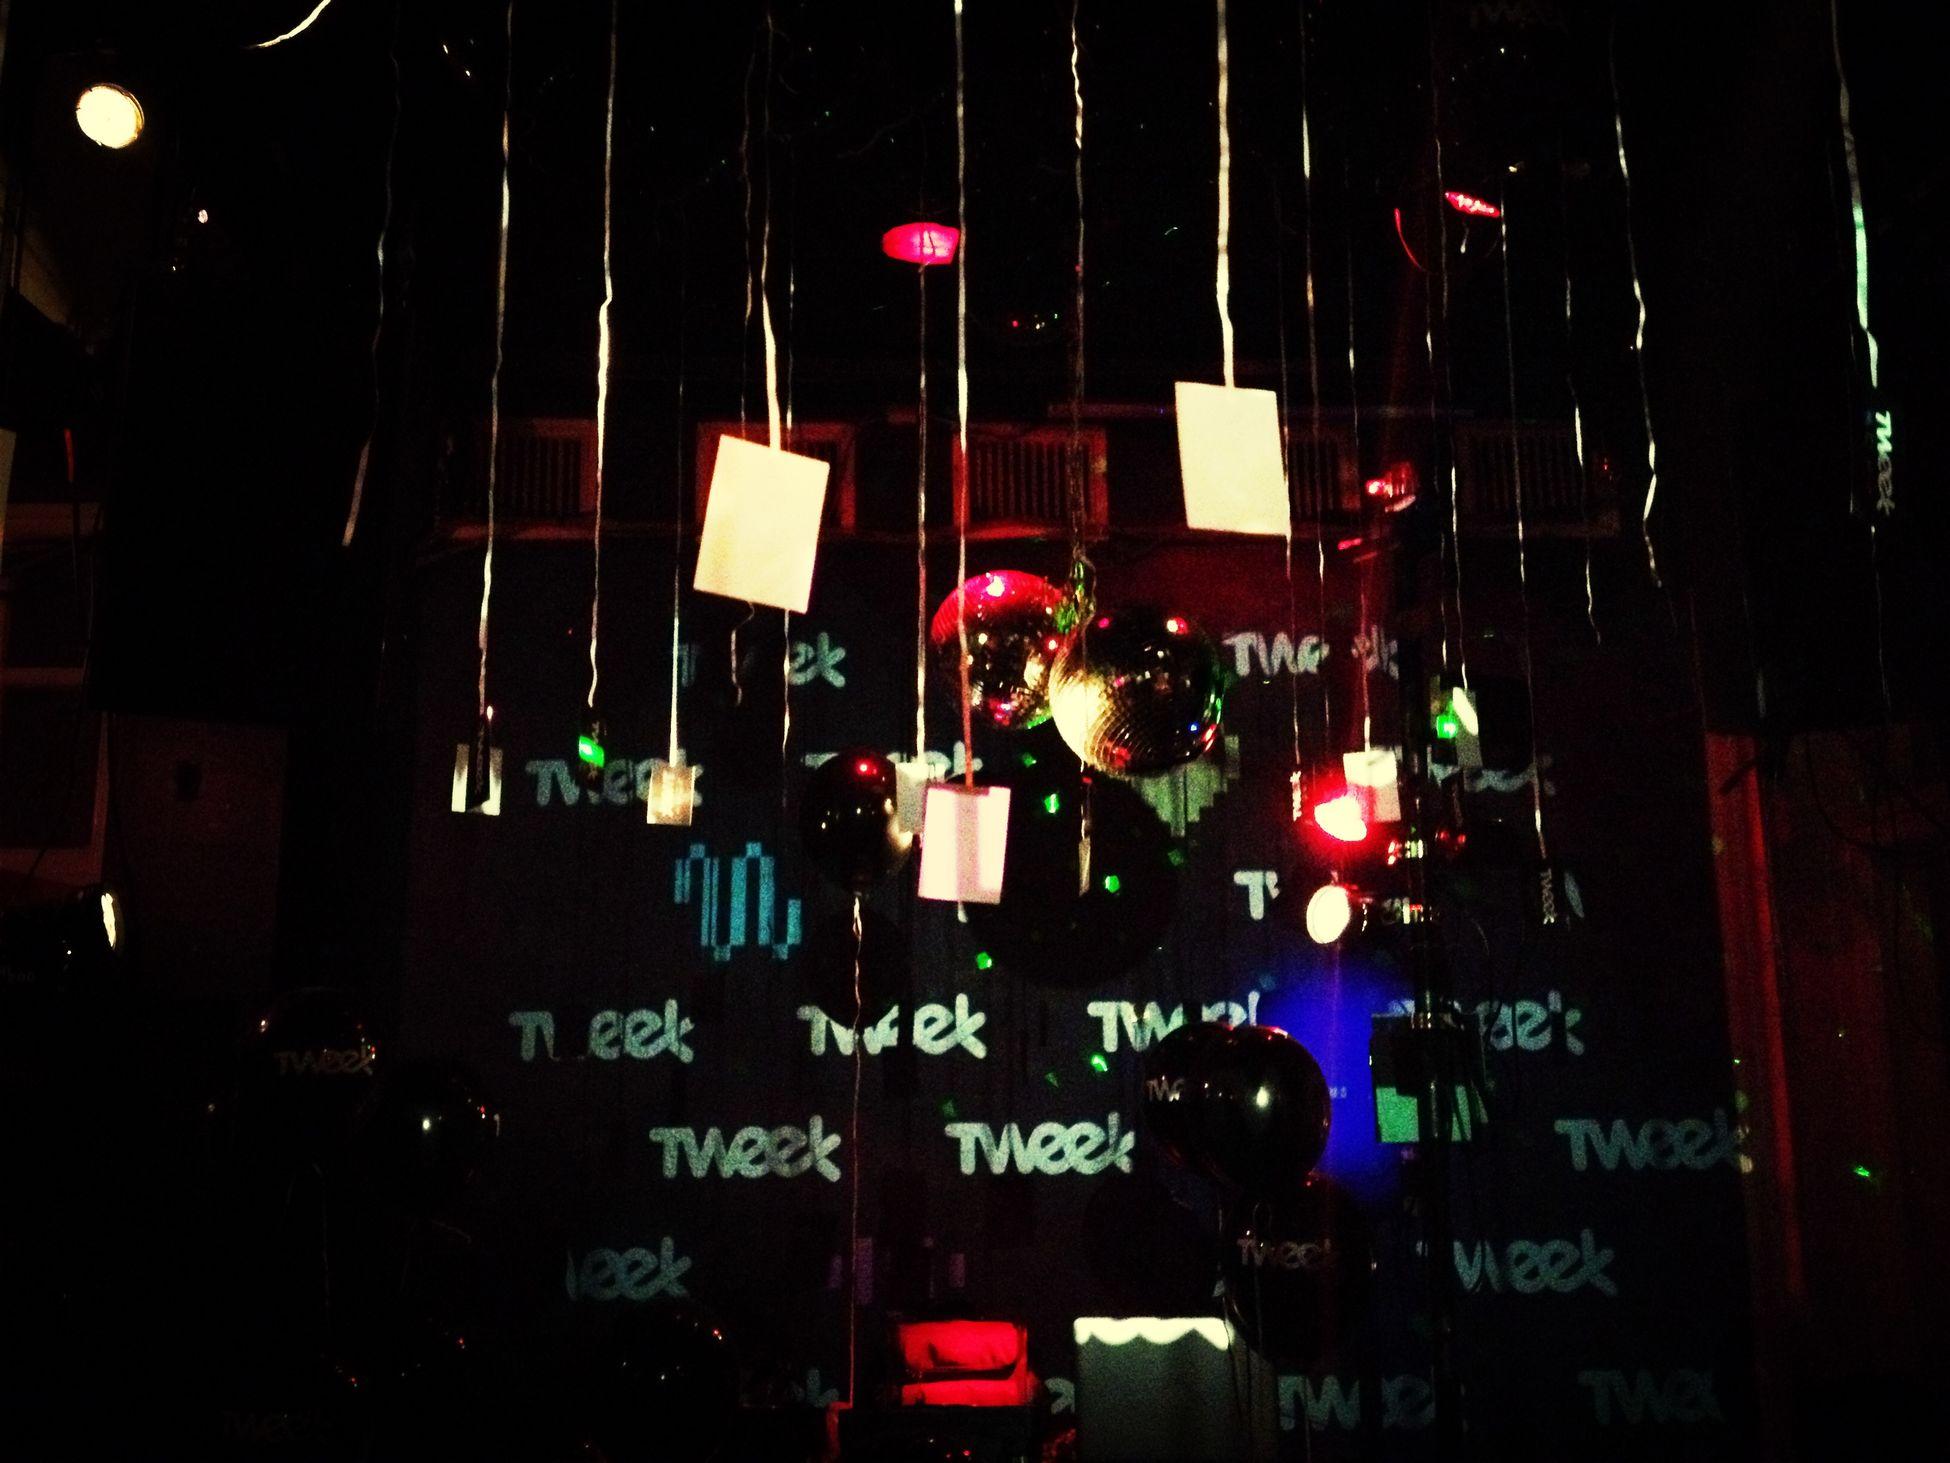 Tweek.tv